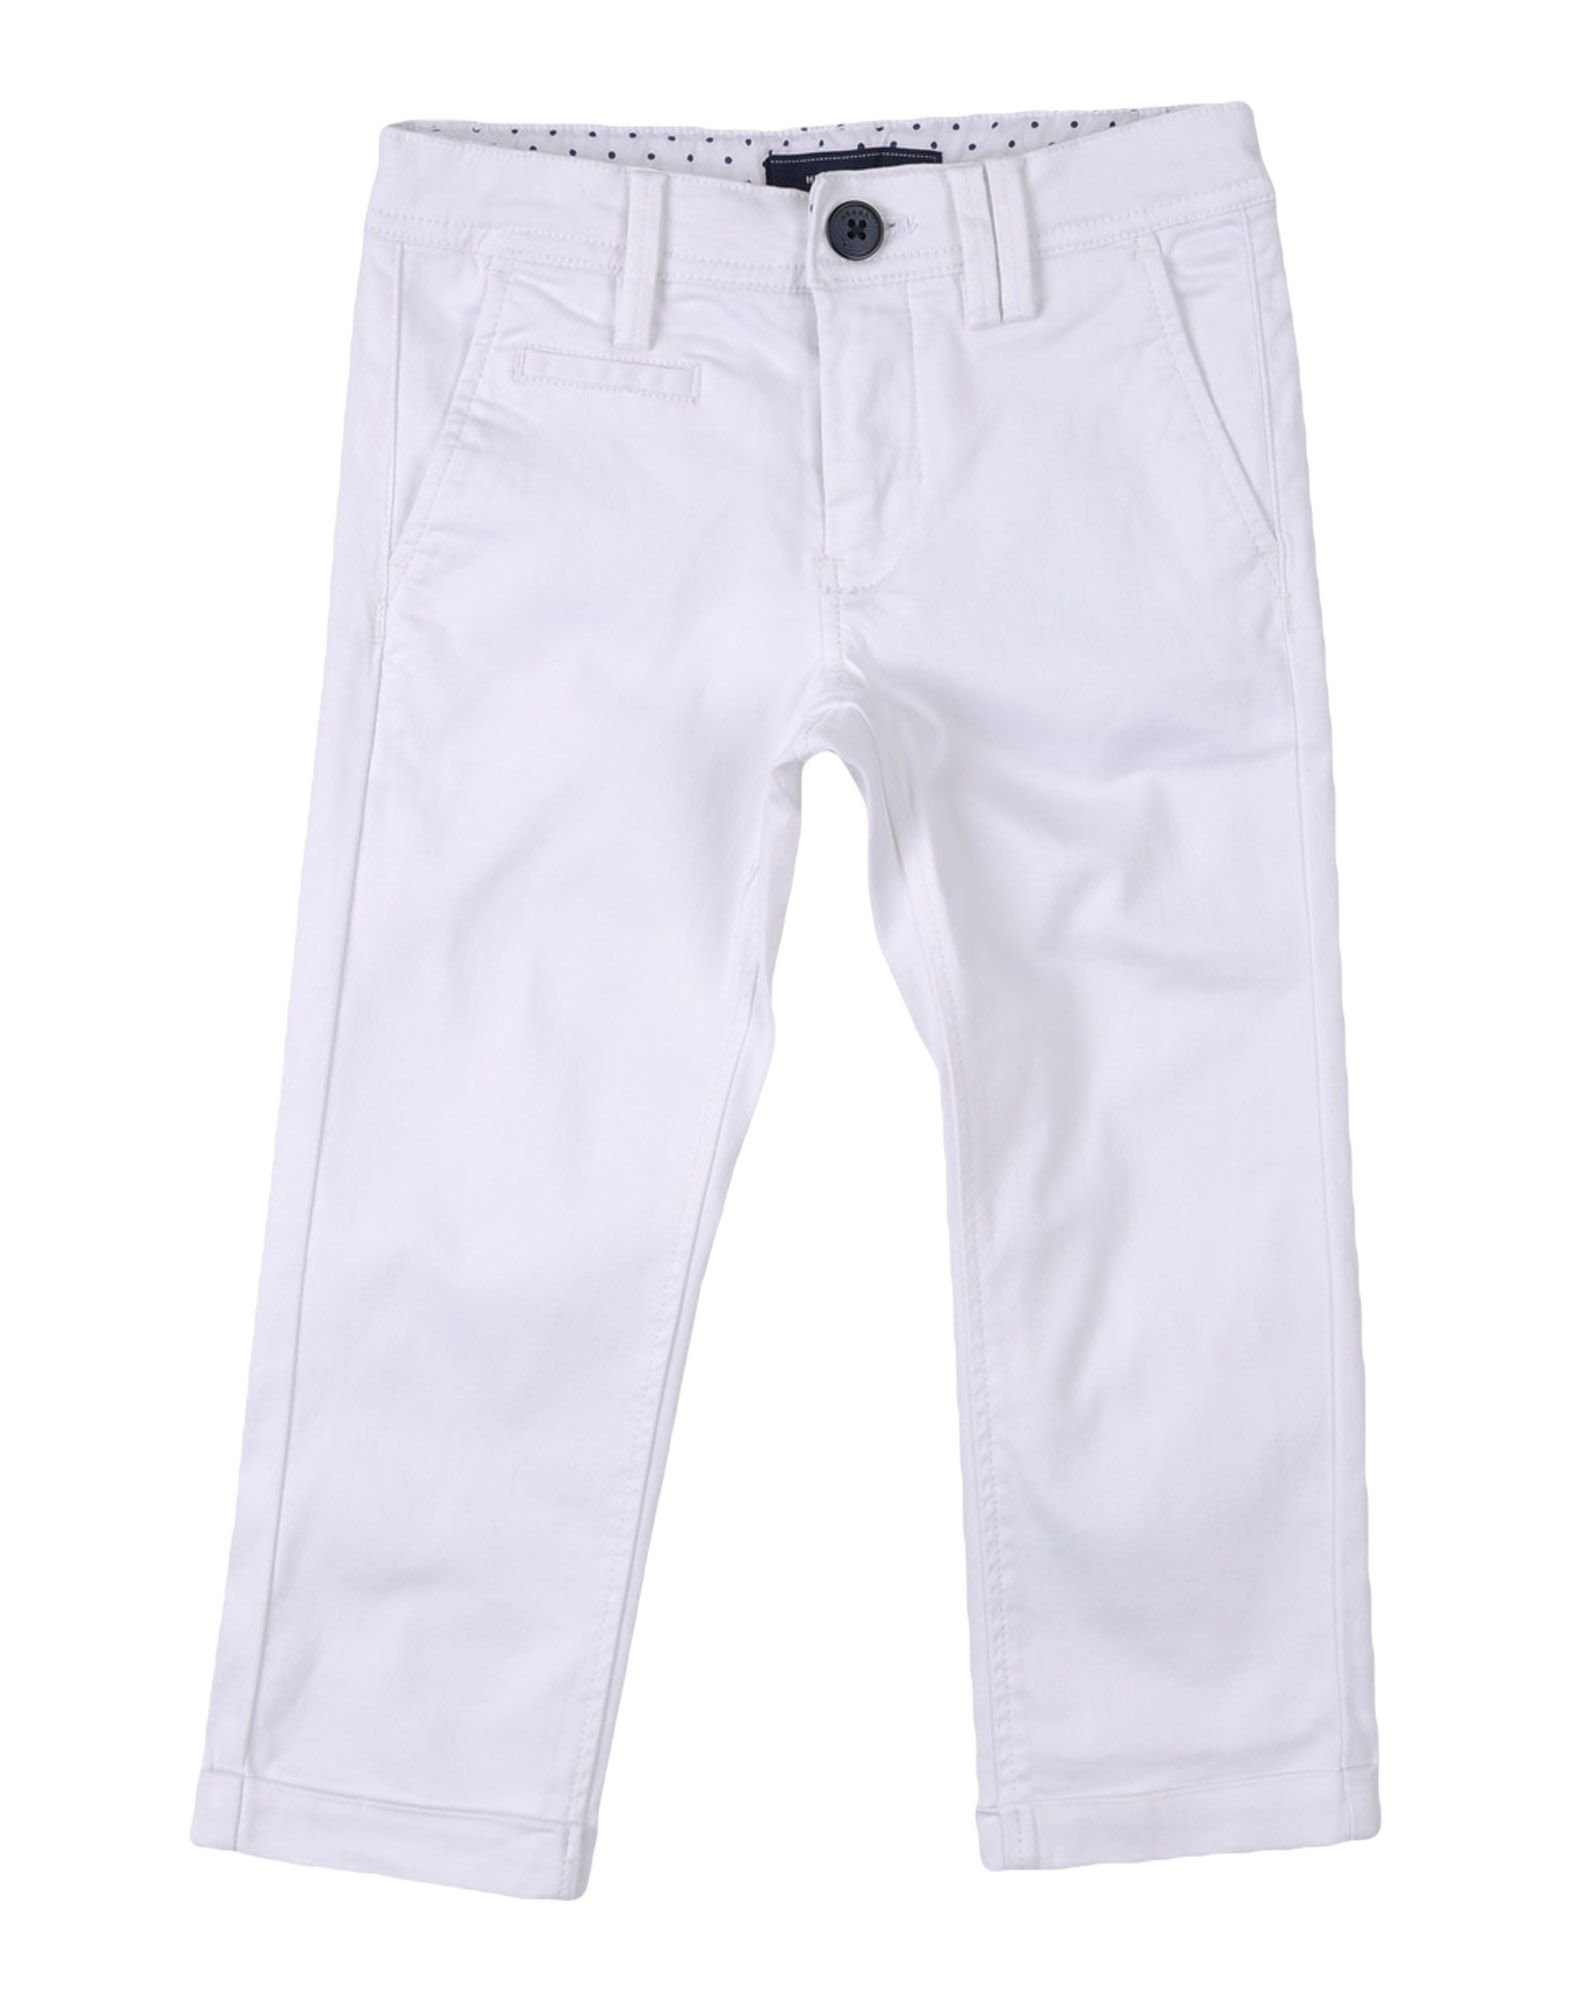 HEACH JUNIOR by SILVIAN HEACH Casual pants